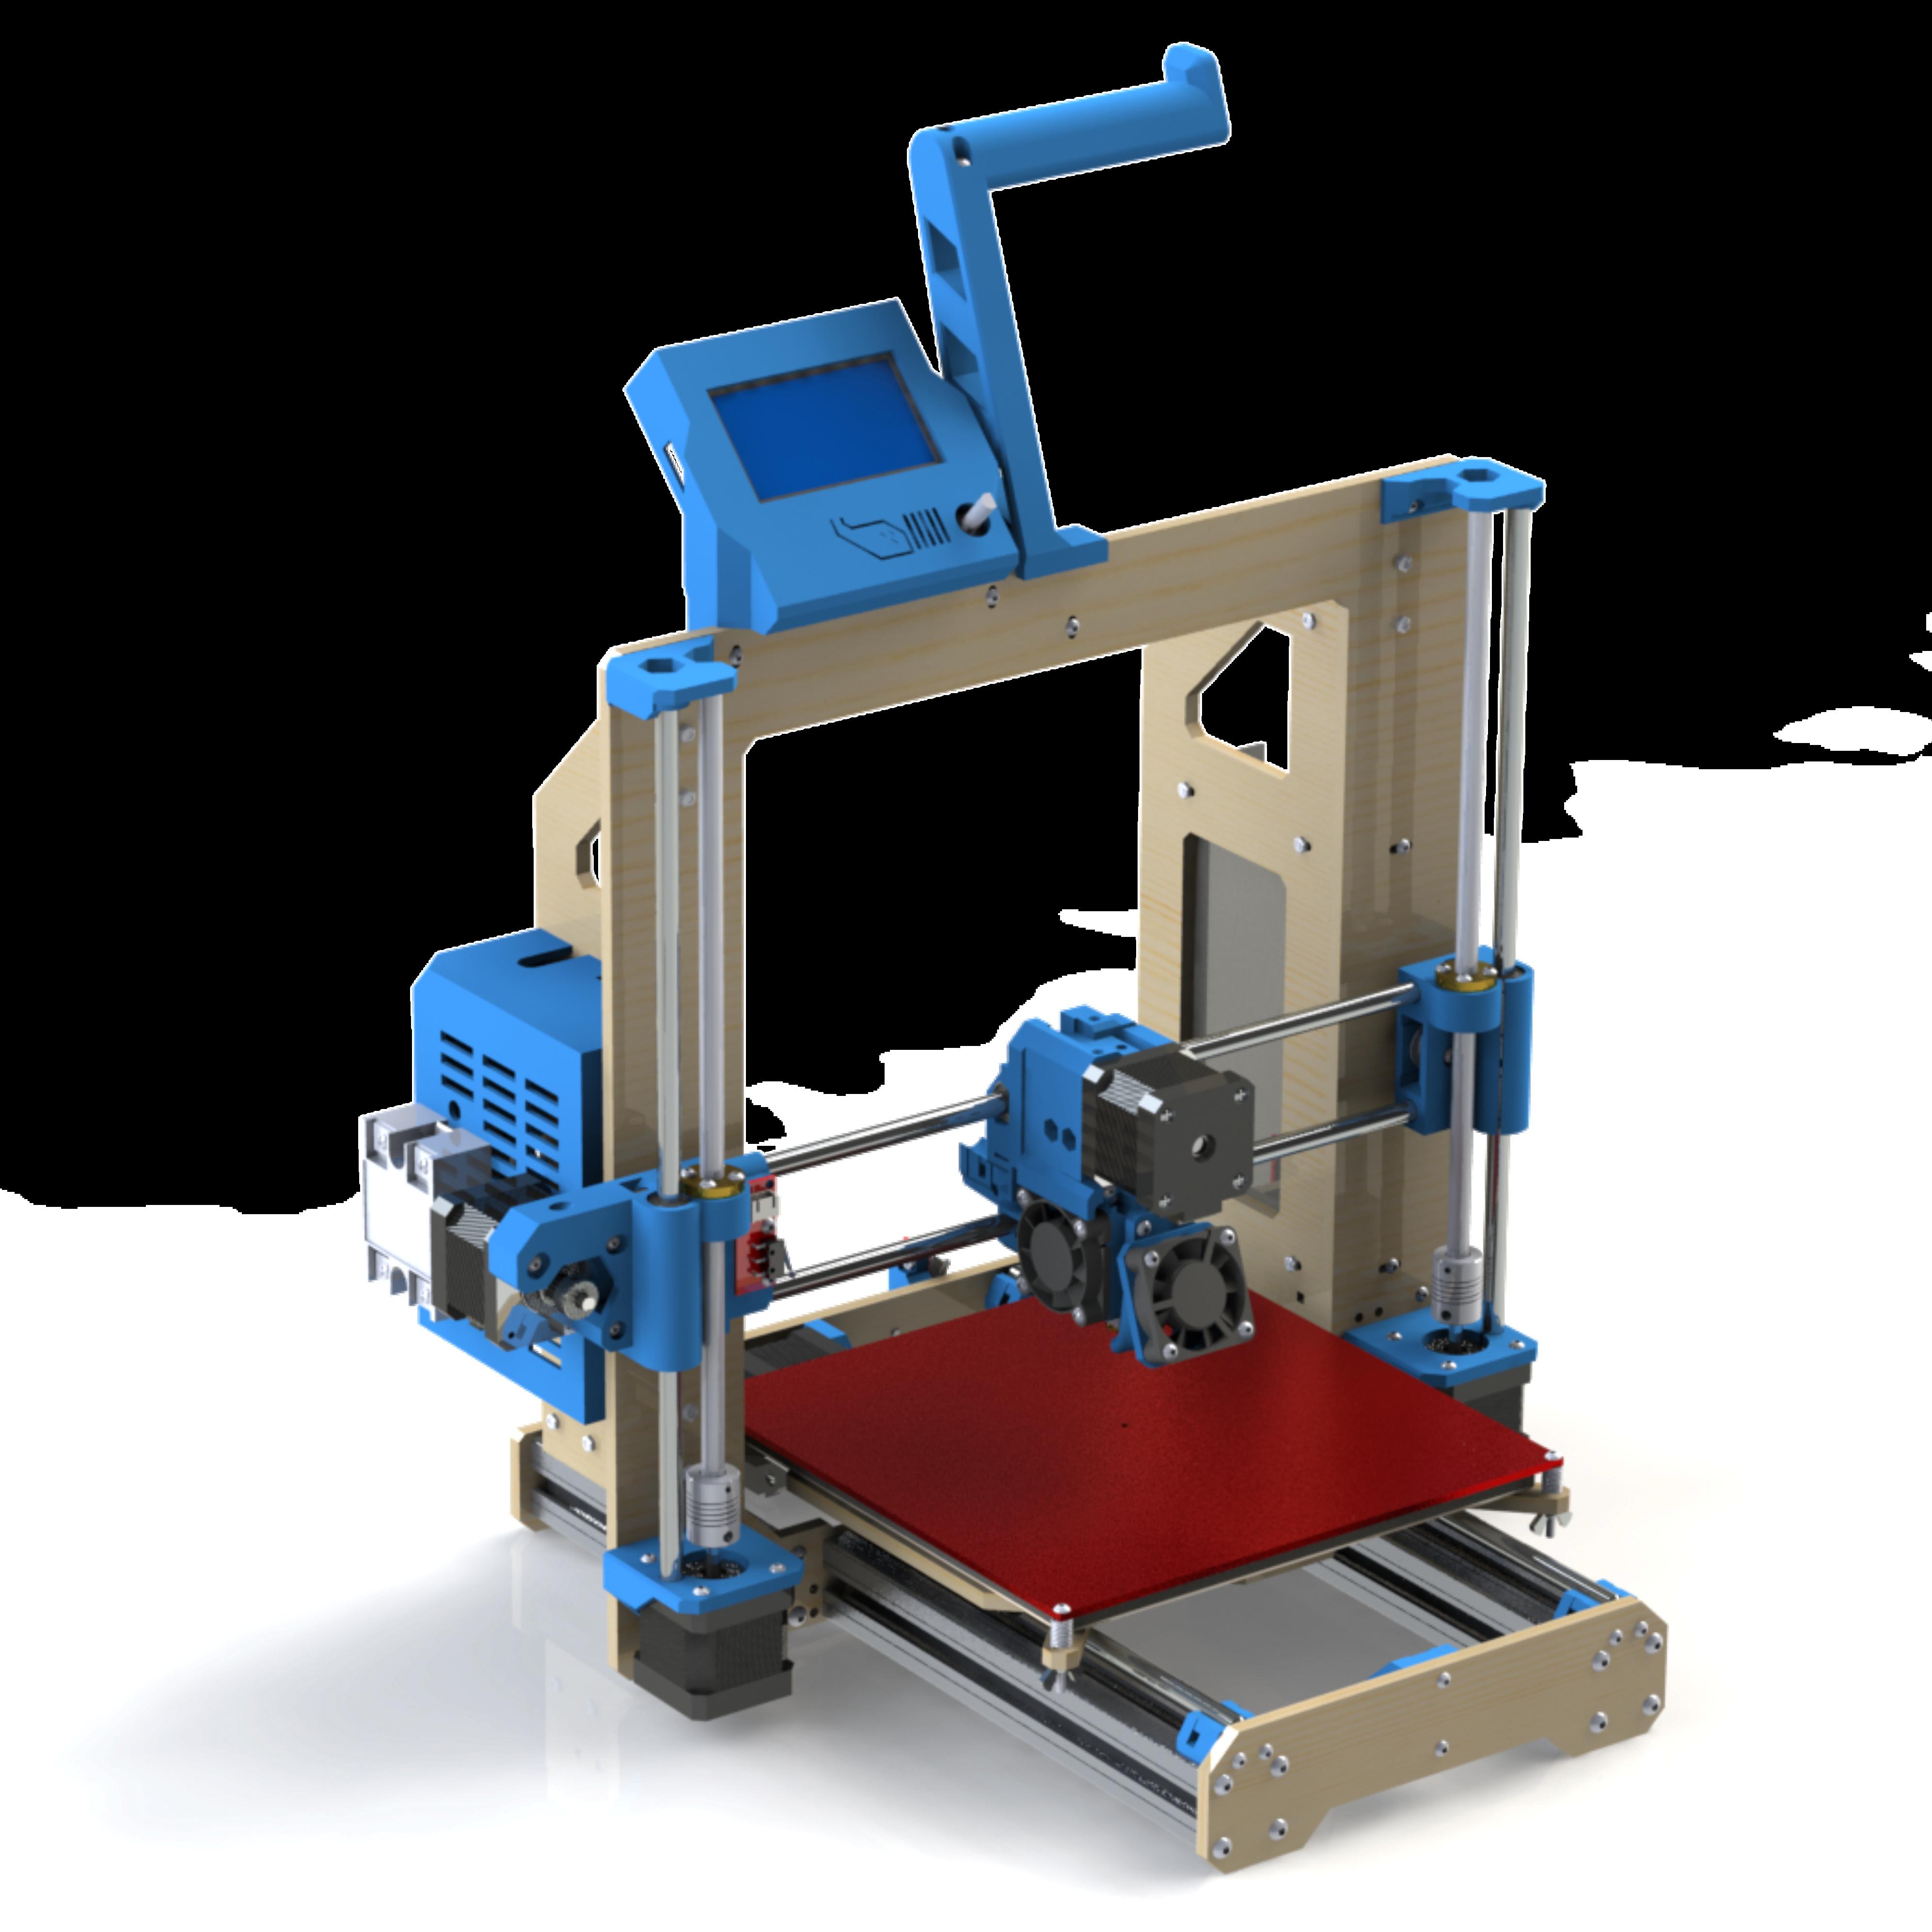 Como construir uma impressora 3D